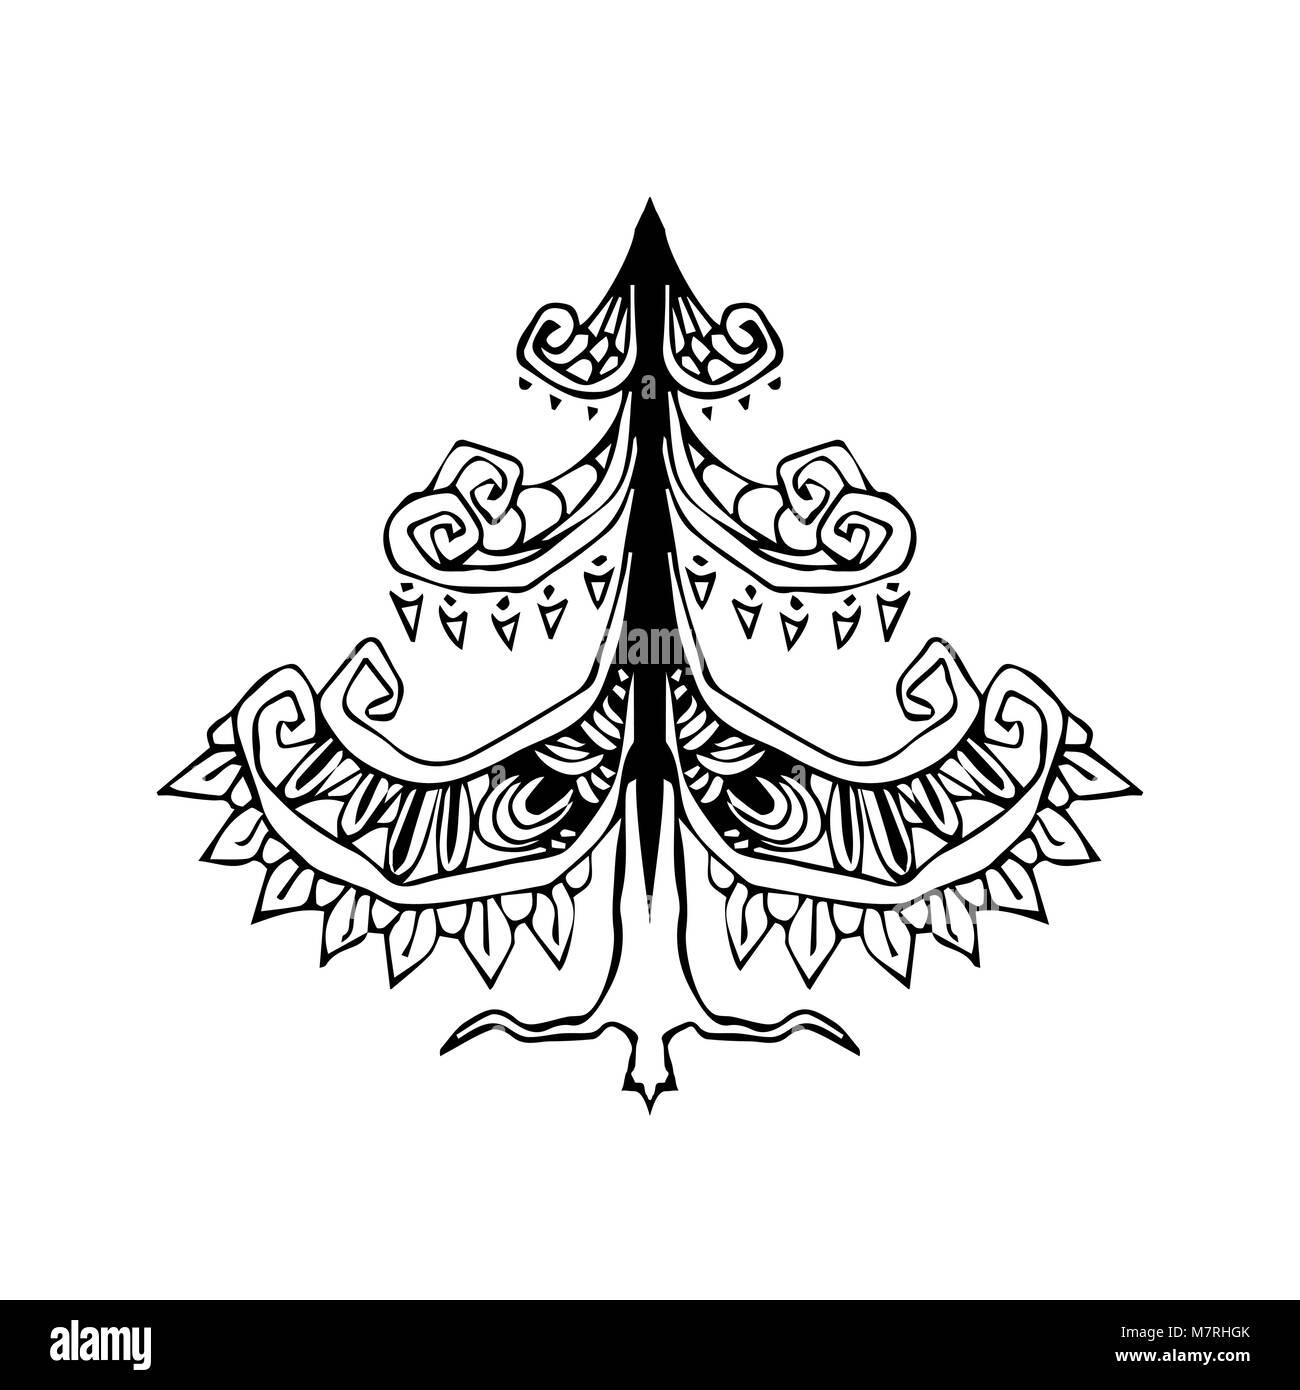 Stilizzato Decorativo Albero Di Natale Illustrazione Vettoriale Di